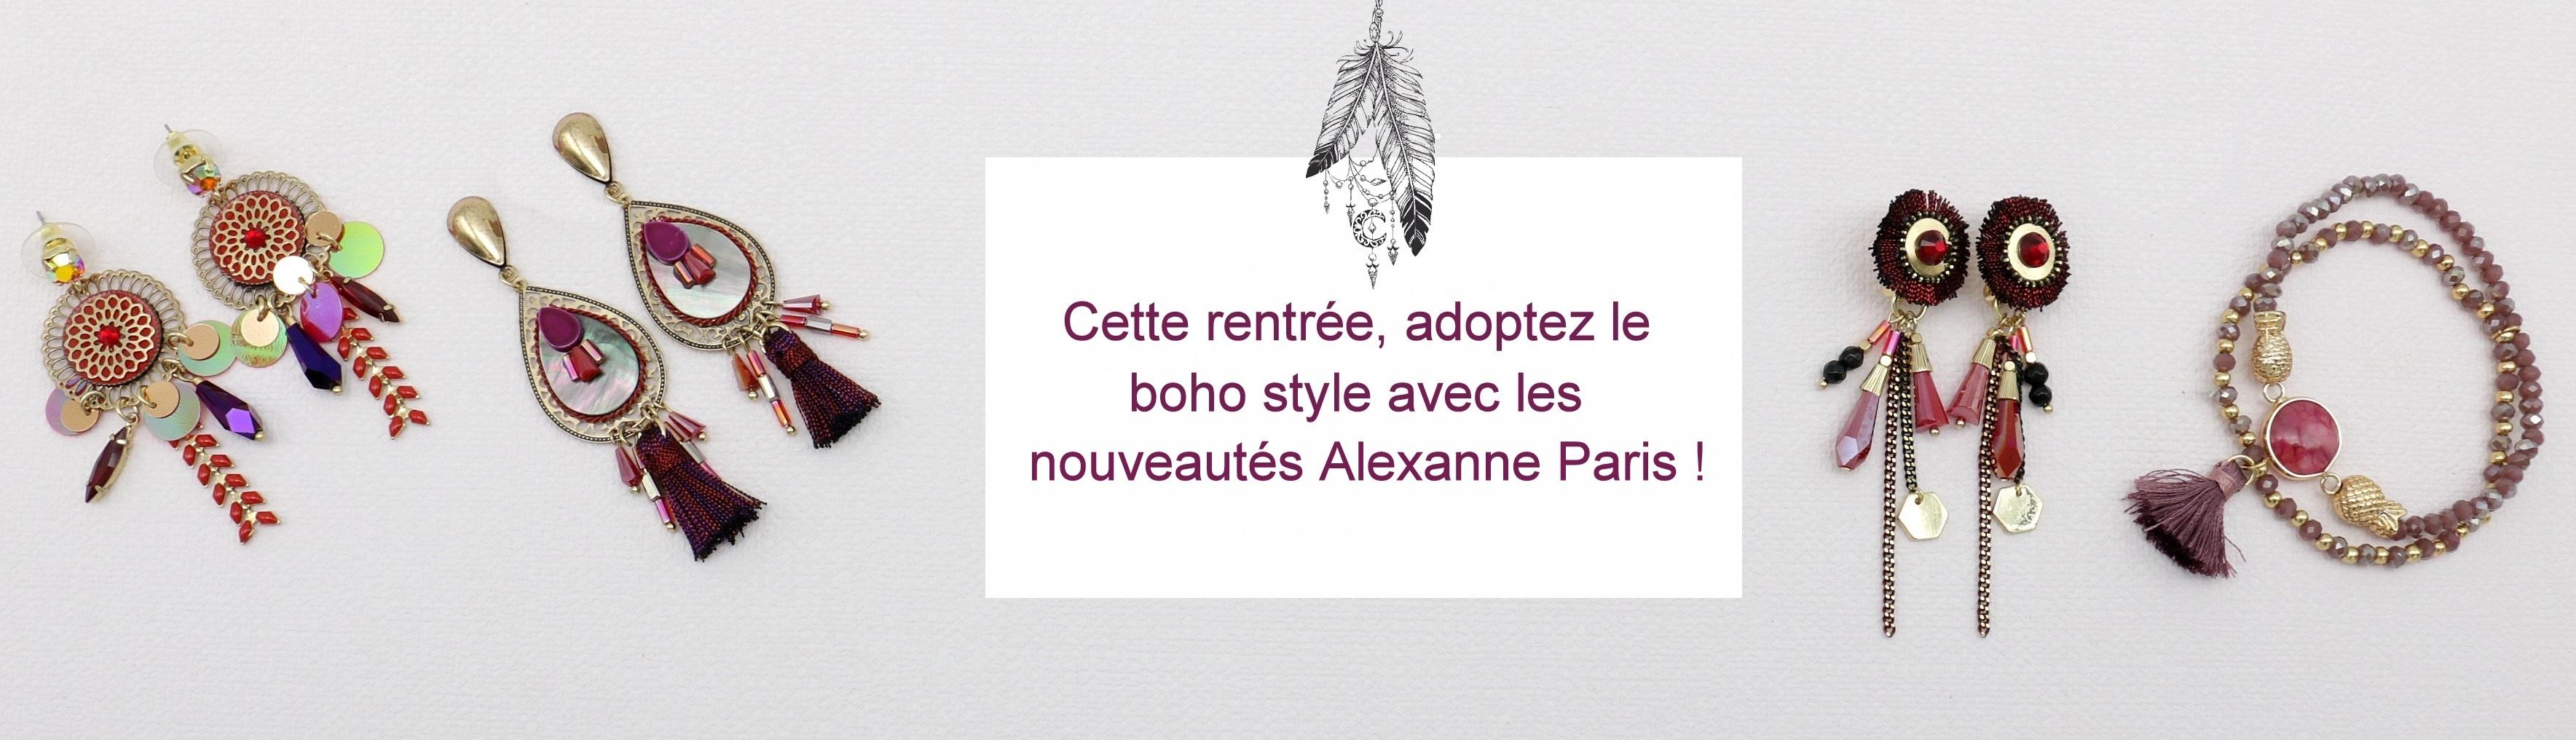 bijoux bohème Alexanne Paris